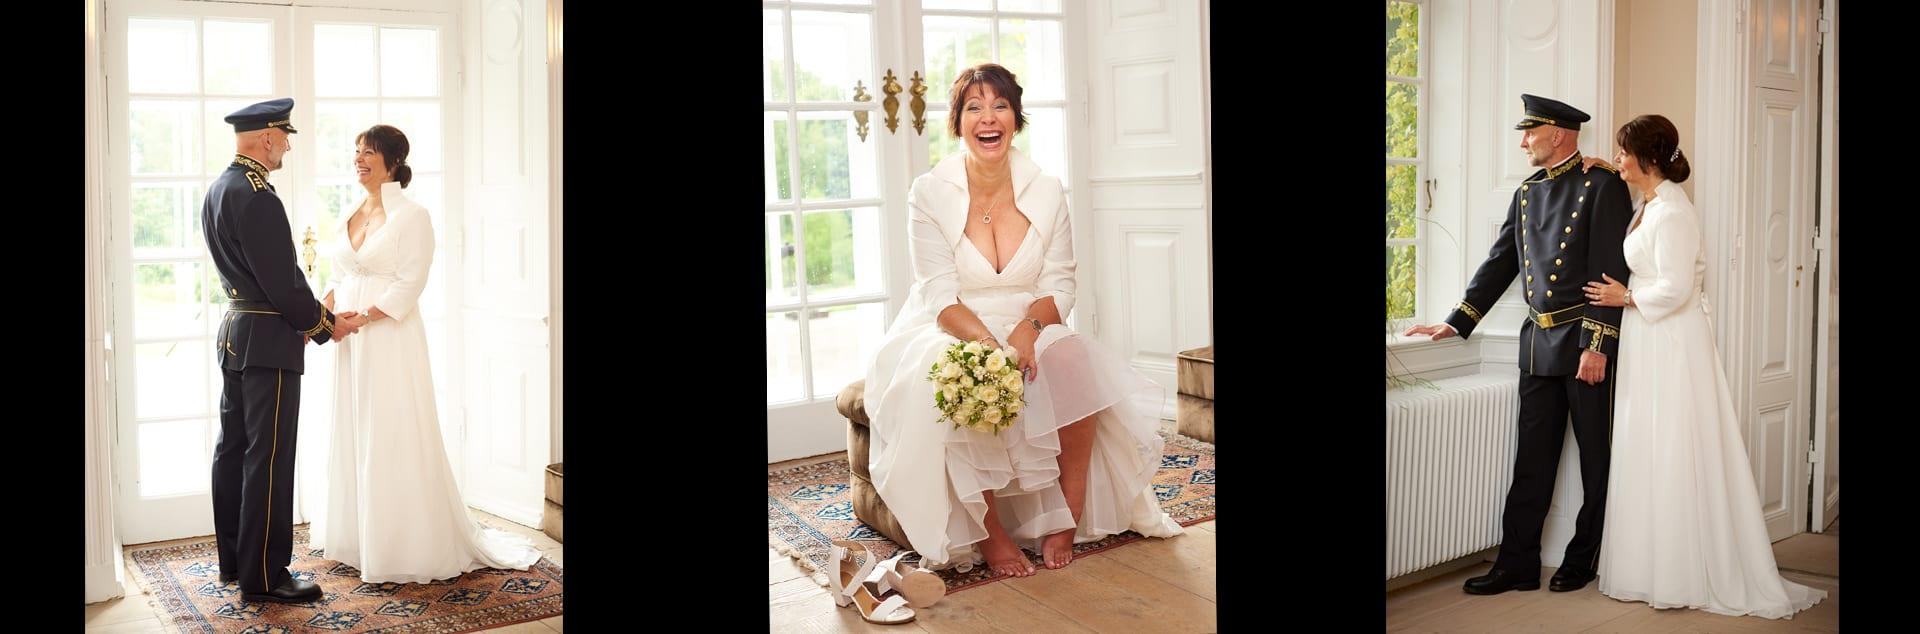 Bryllupfoto Fyn